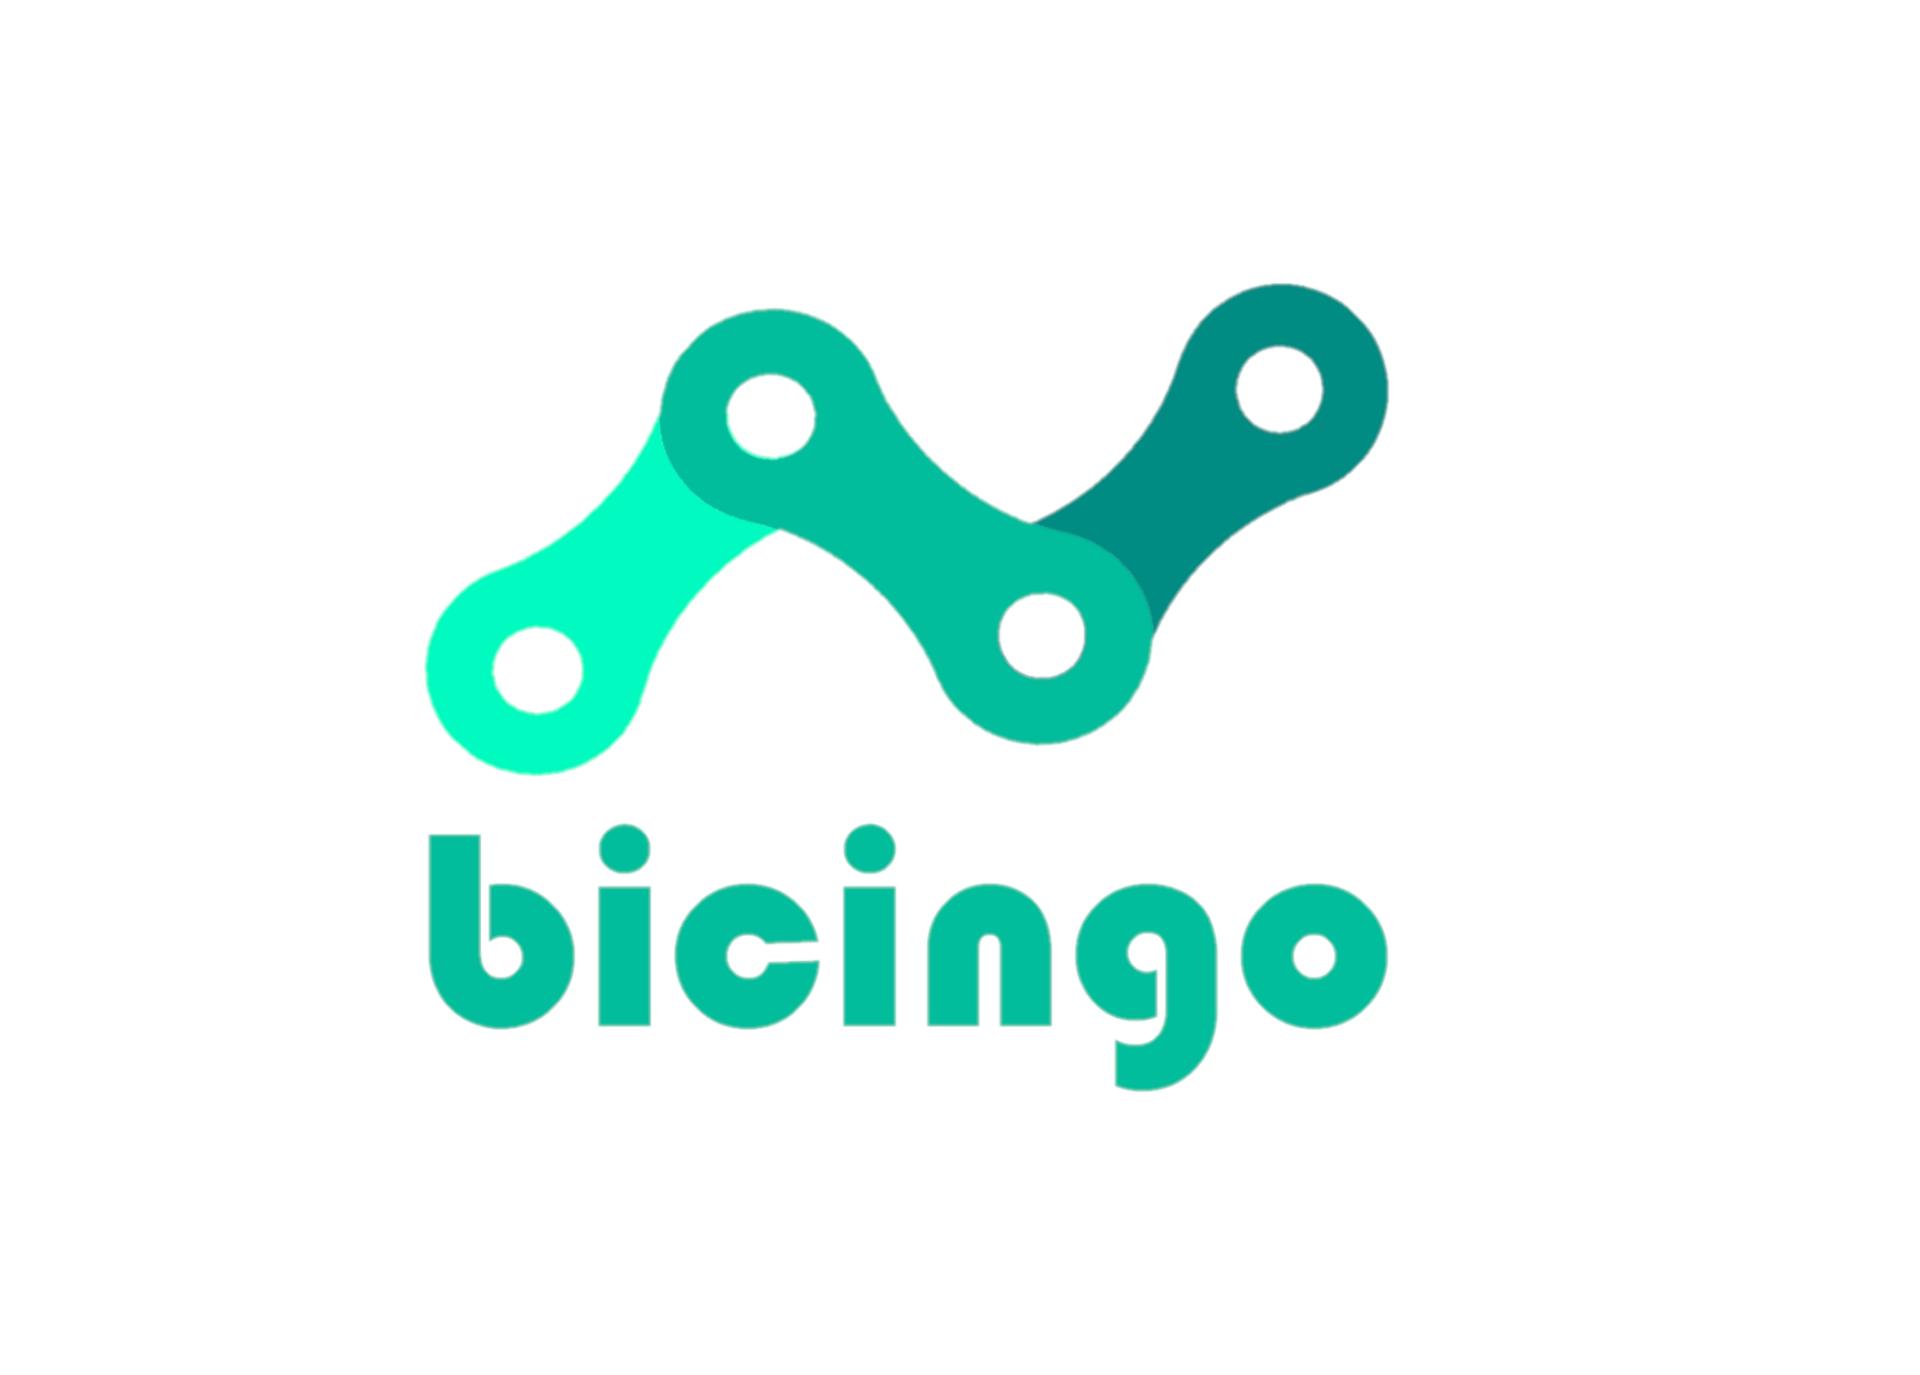 BICINGO